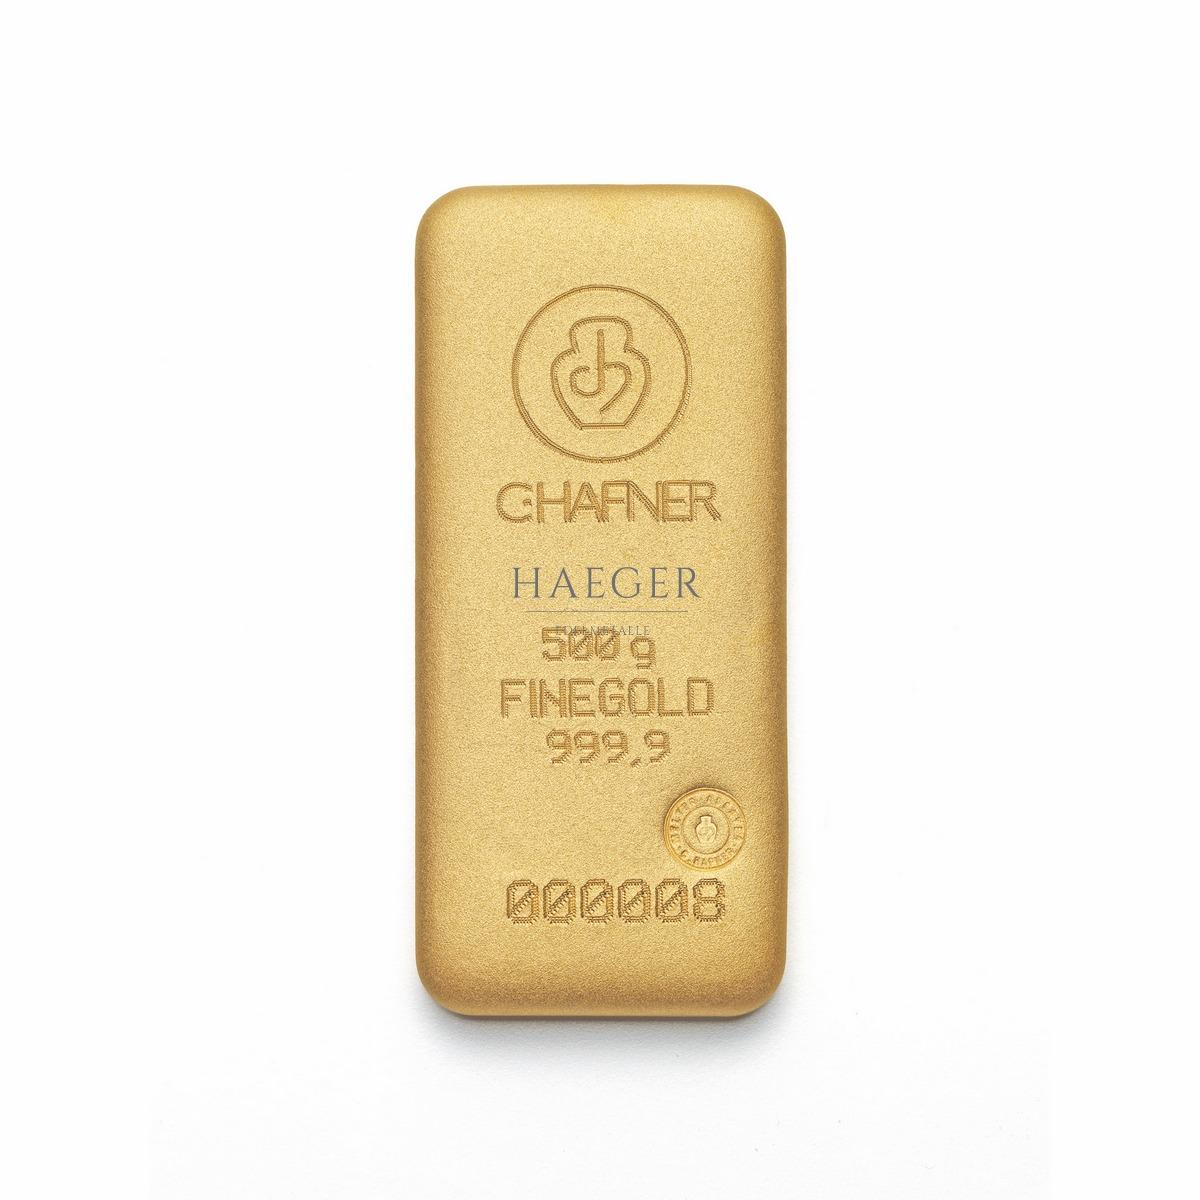 500 g C. Hafner Goldbarren Neuware